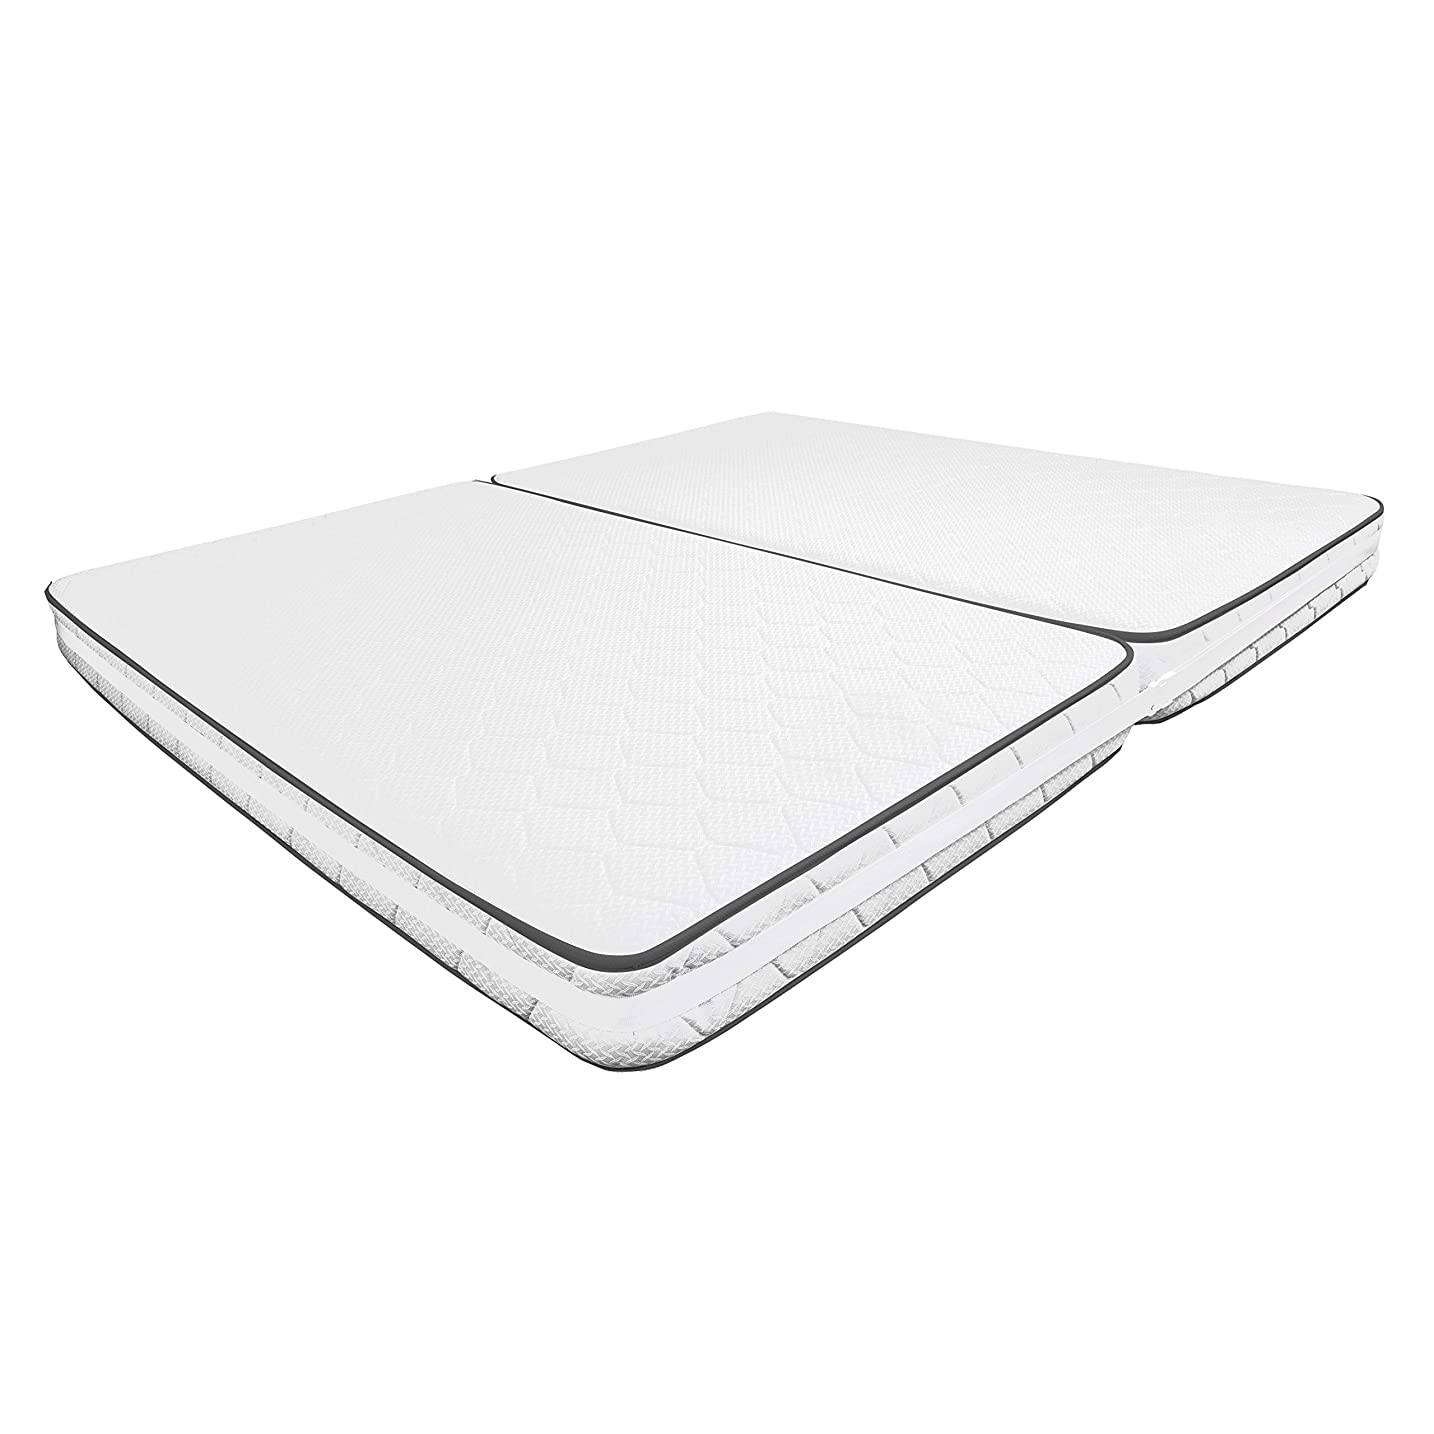 潤滑するフレームワーク微視的LIFEST マットレス バンド ベルト ベッドバンド すきま防止 固定 連結 ベッド ズレ防止 連結ベルト すべり止め 隙間